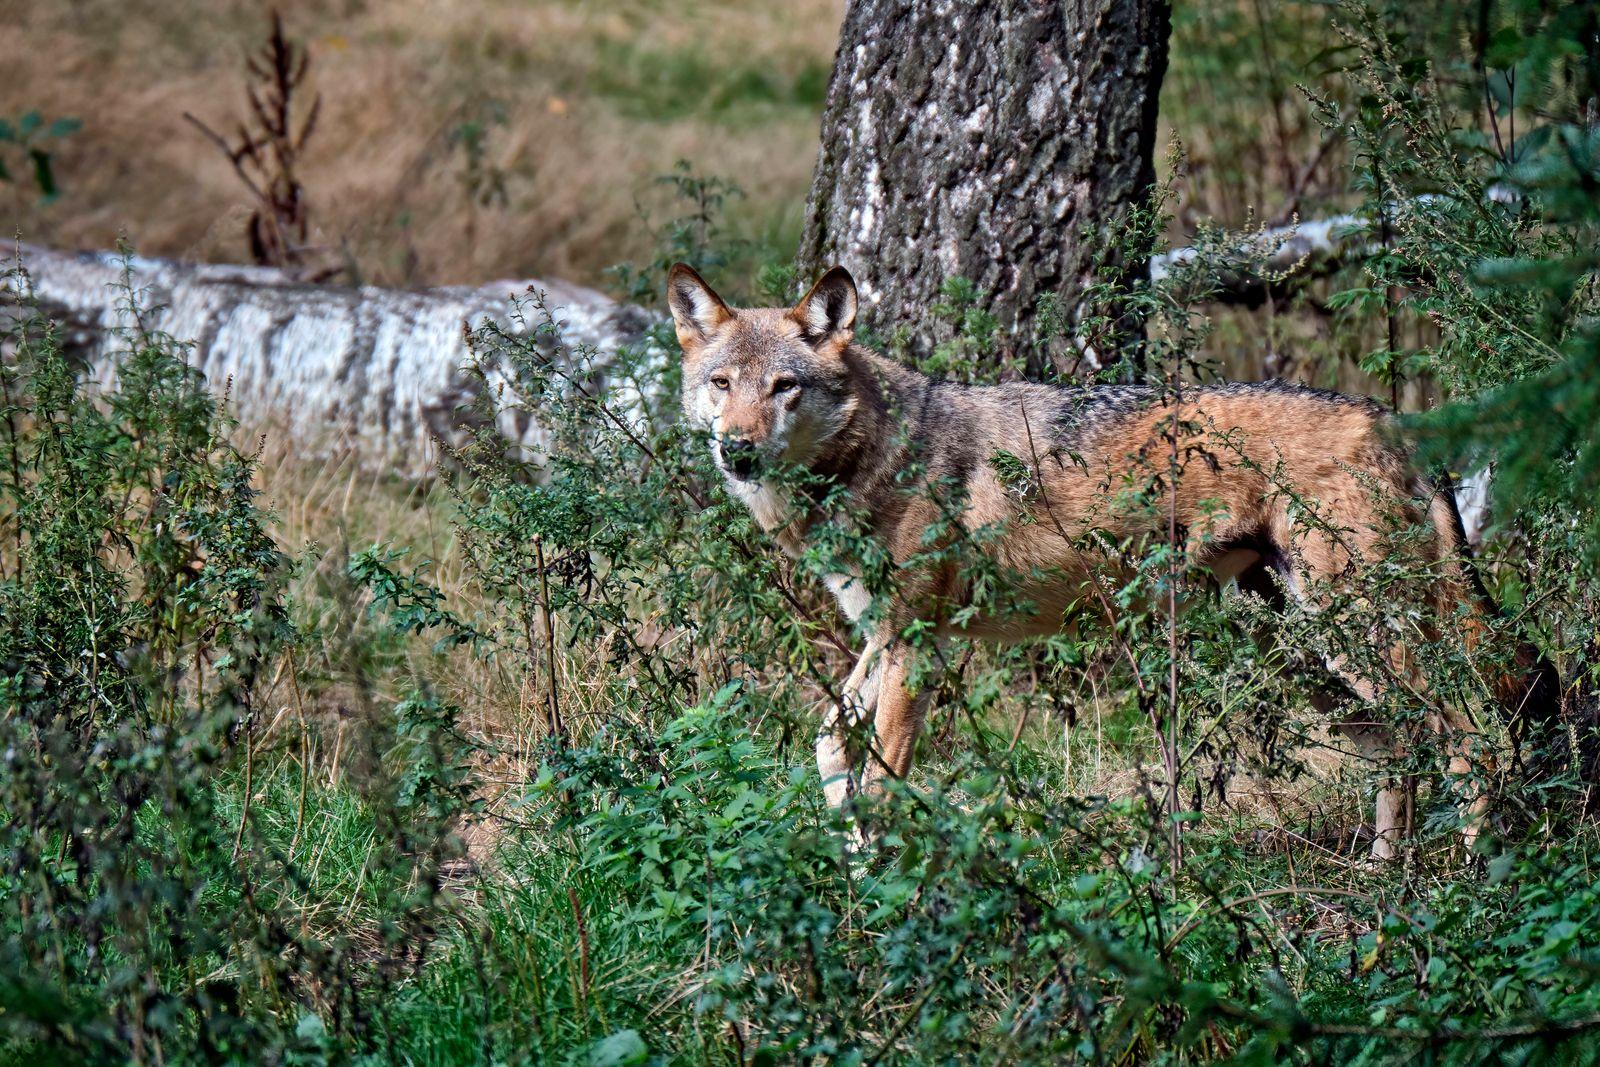 Wildgatter Oberrabenstein ( Chemnitz ). Ein Europäischer Wolf ( Canis lupus ) im Wildgatter Oberrabenstein ( Chemnitz ).